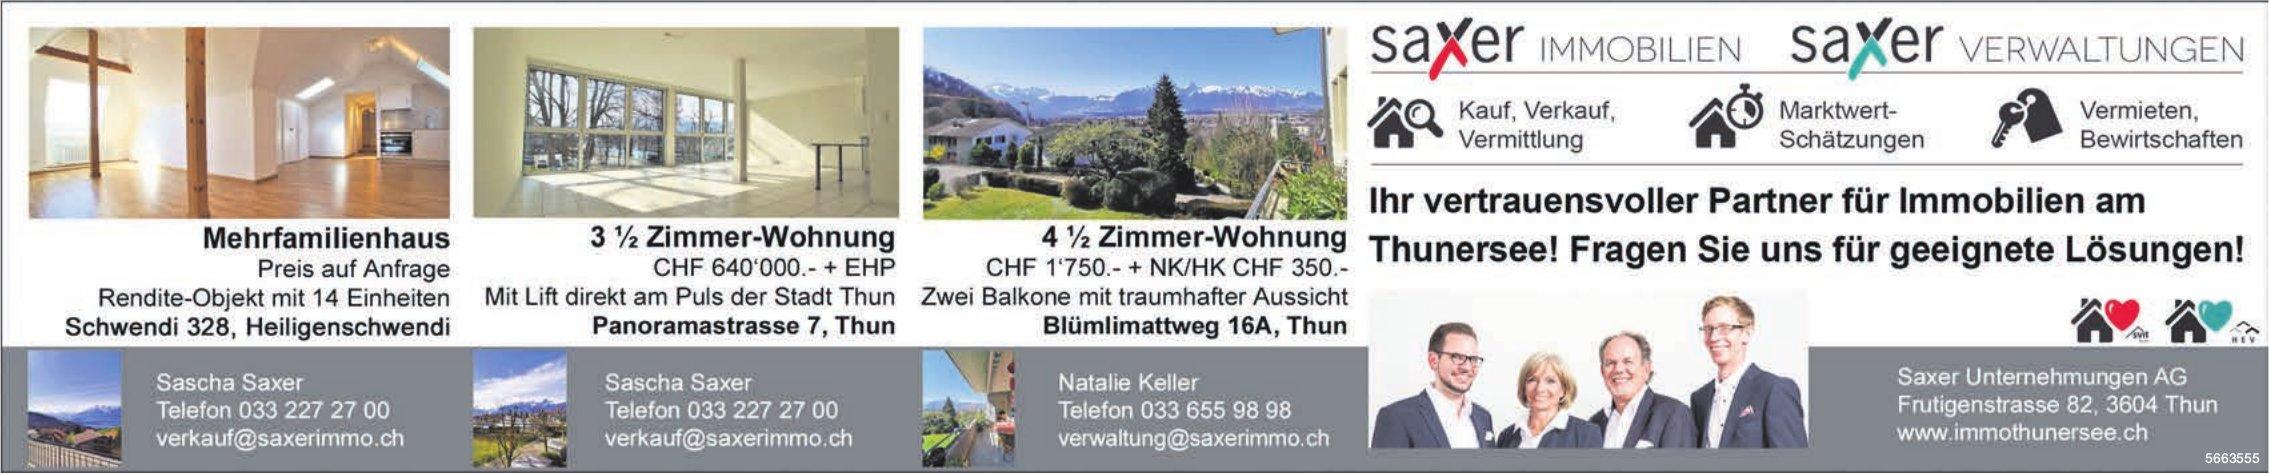 Saxer Unternehmungen AG - Ihr vertrauensvoller Partner für Immobilien am Thunersee! Fragen Sie uns für geeignete Lösungen!